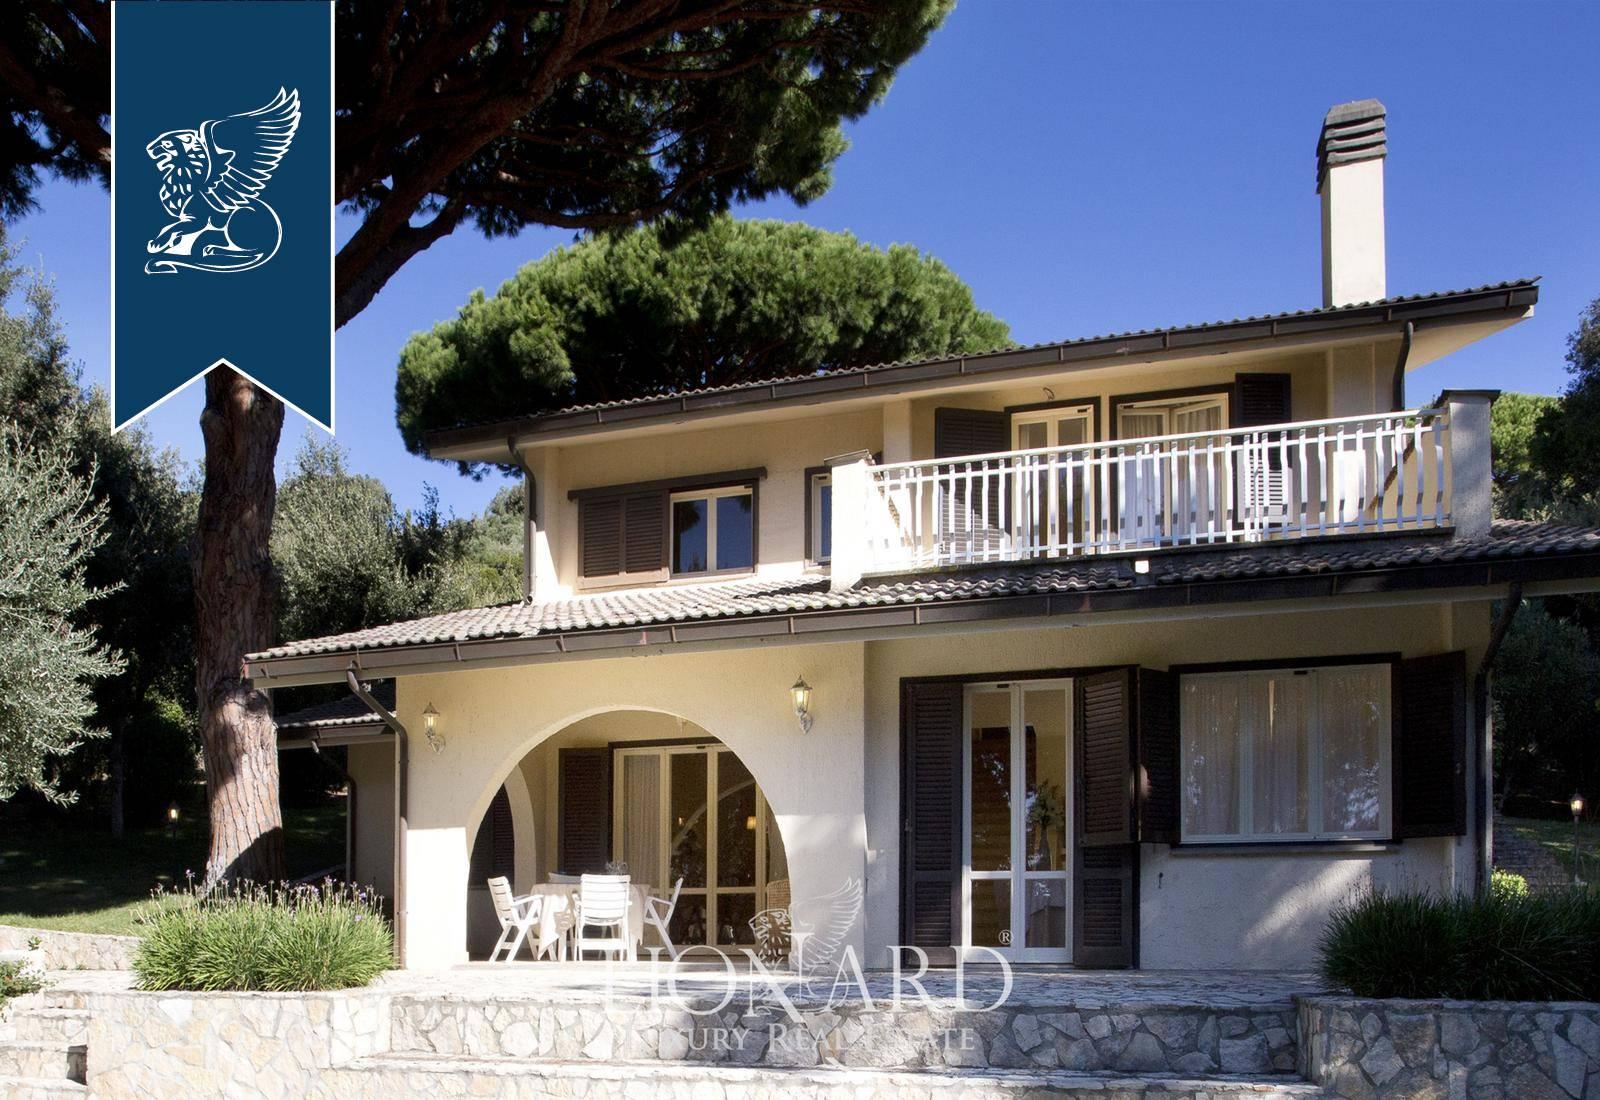 Villa in Vendita a Castiglione Della Pescaia: 0 locali, 300 mq - Foto 1